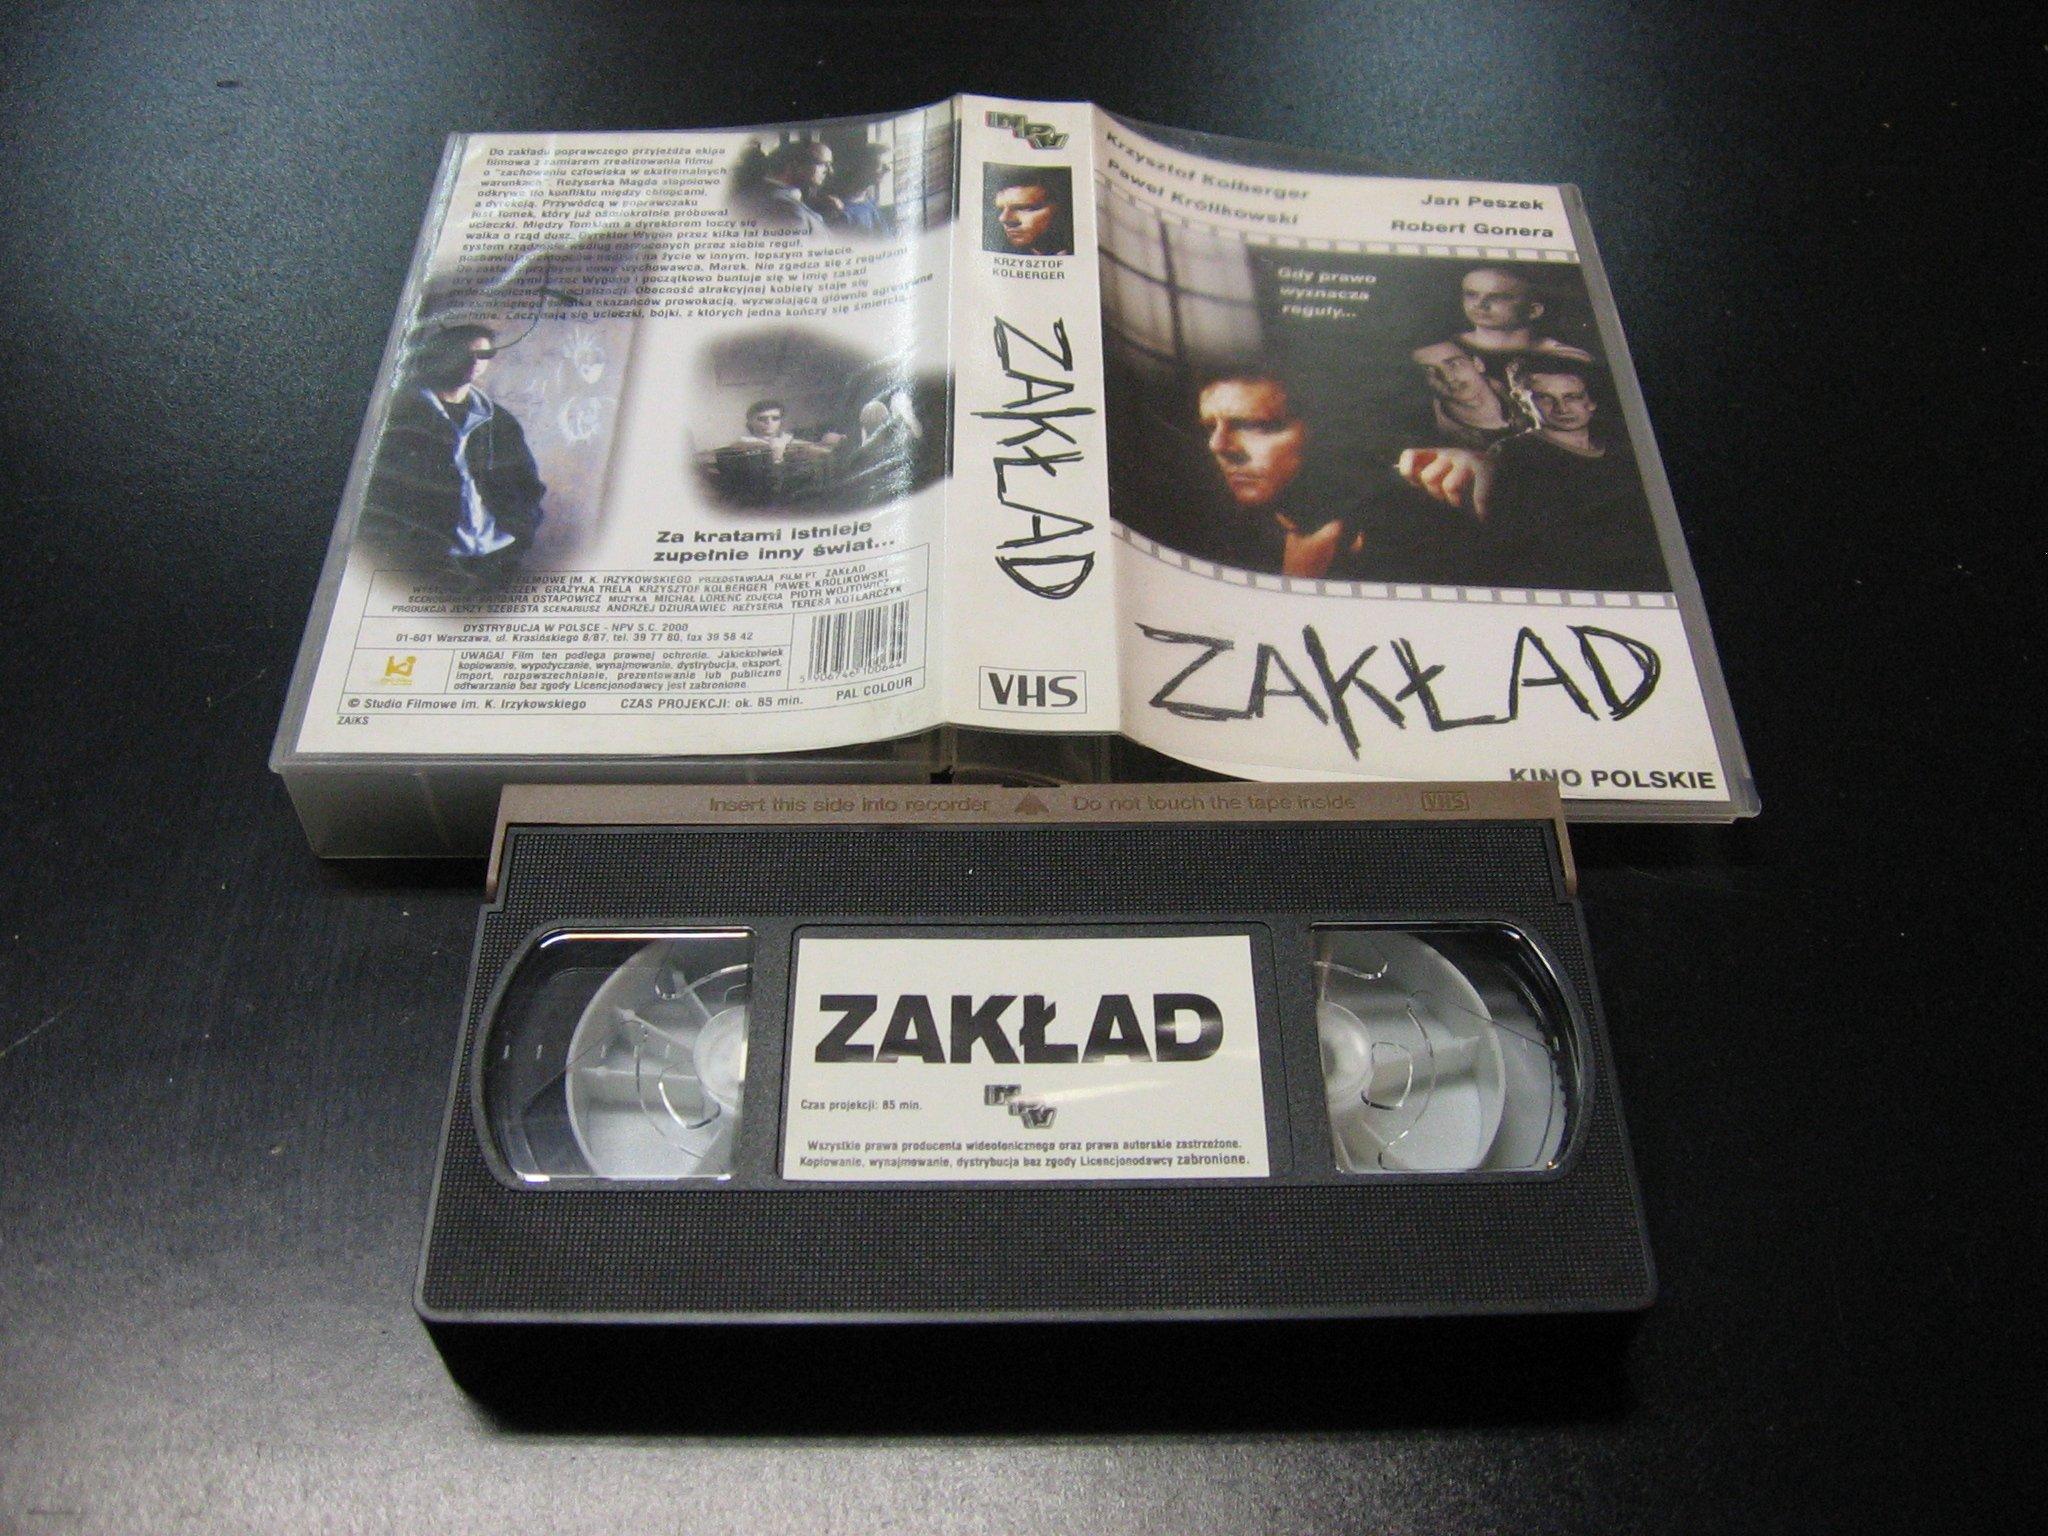 ZAKŁAD - KRZYSZTOF KOLBERGER -  kaseta VHS - 1135 Opole - AlleOpole.pl